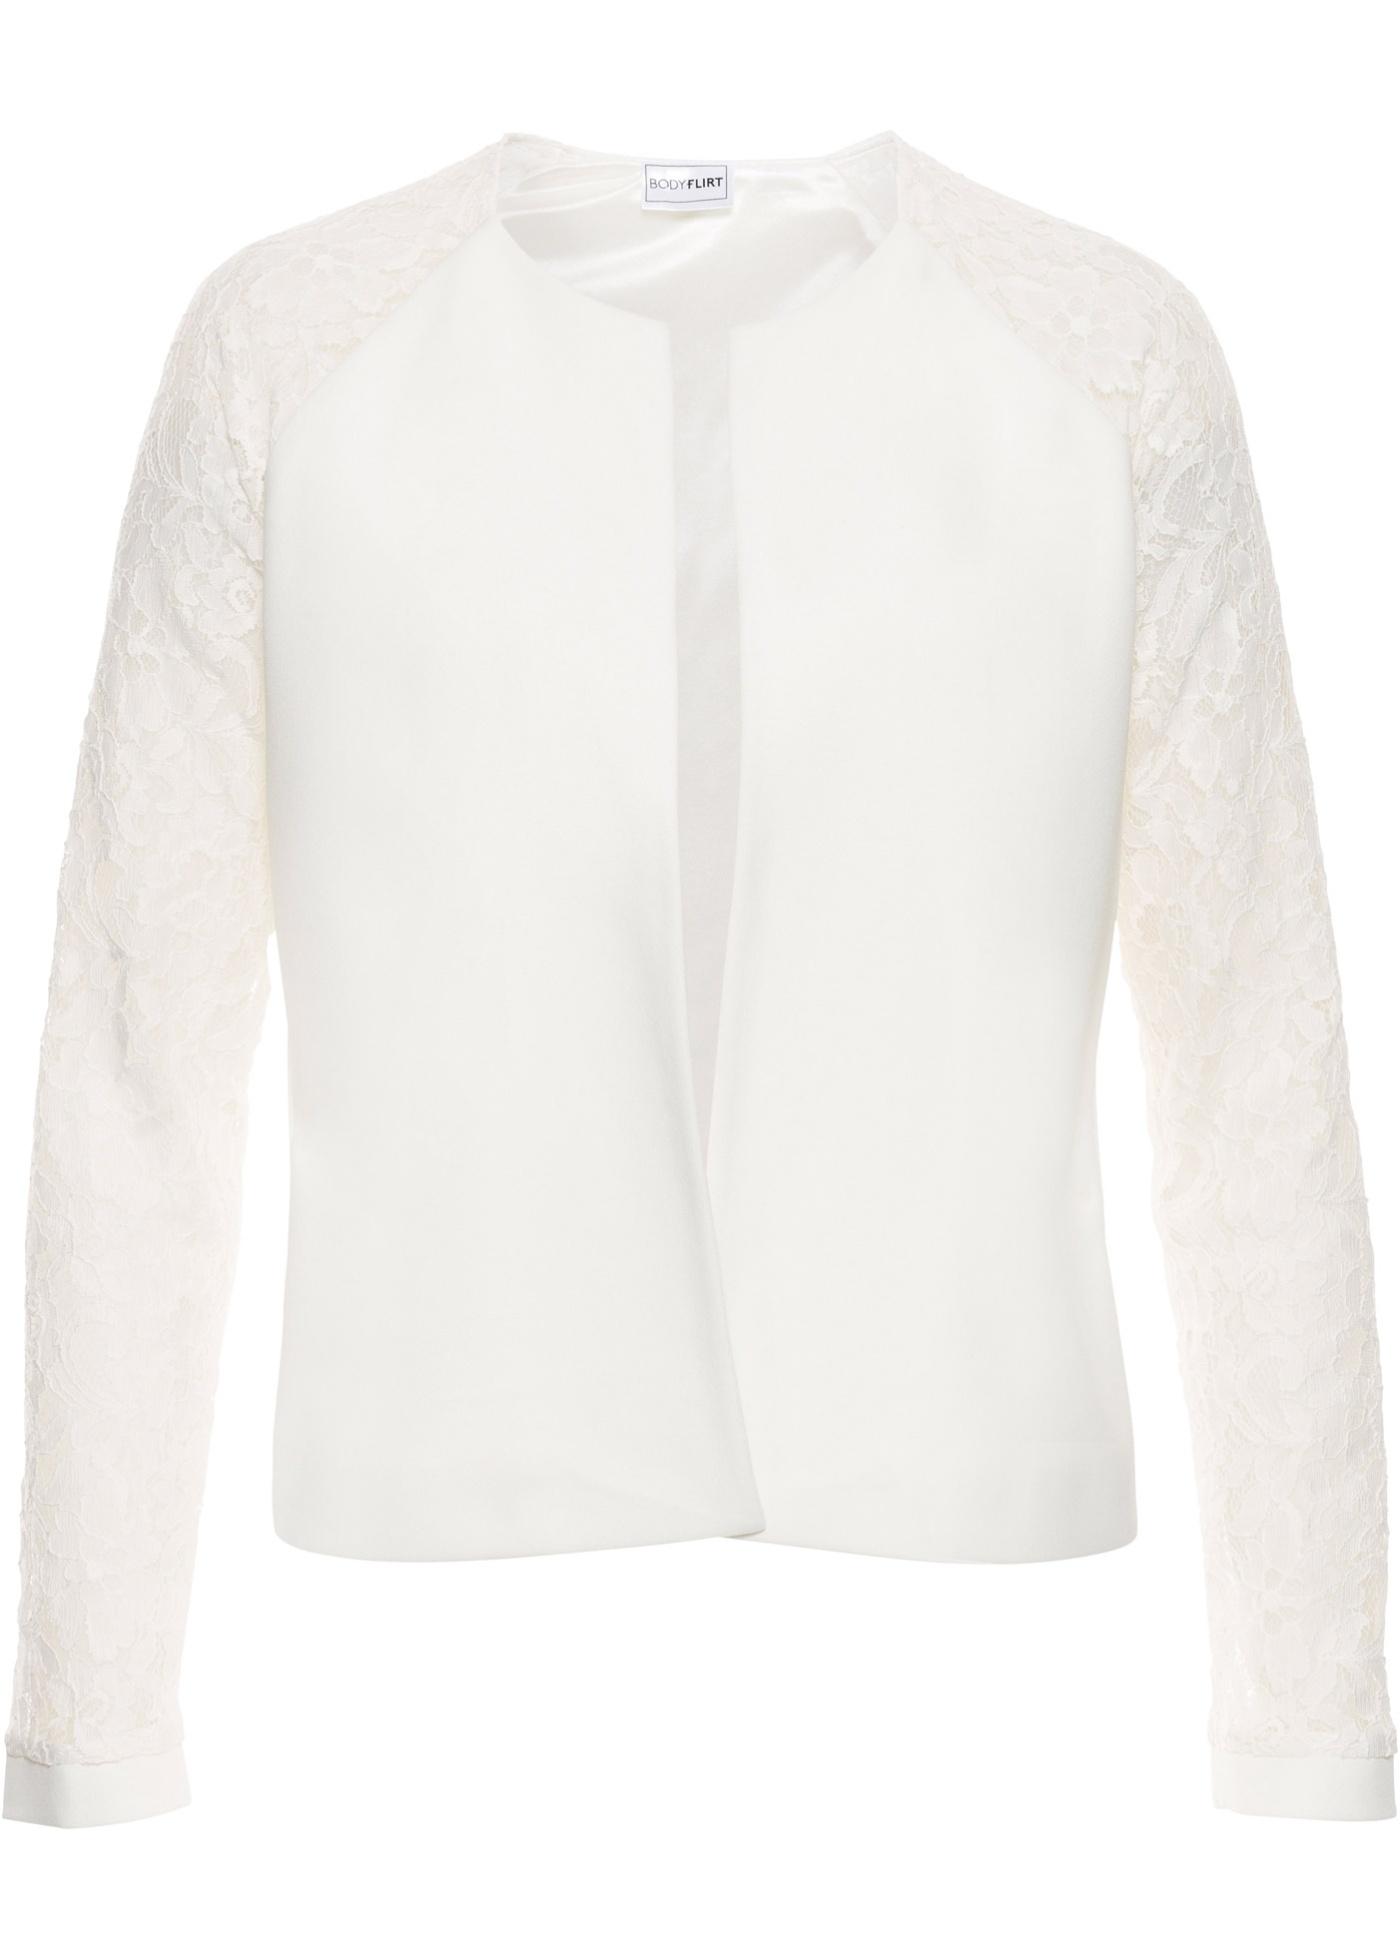 BODYFLIRT Bonprix - Veste avec manches en dentelle blanc pour femme ... 984af81e65ad